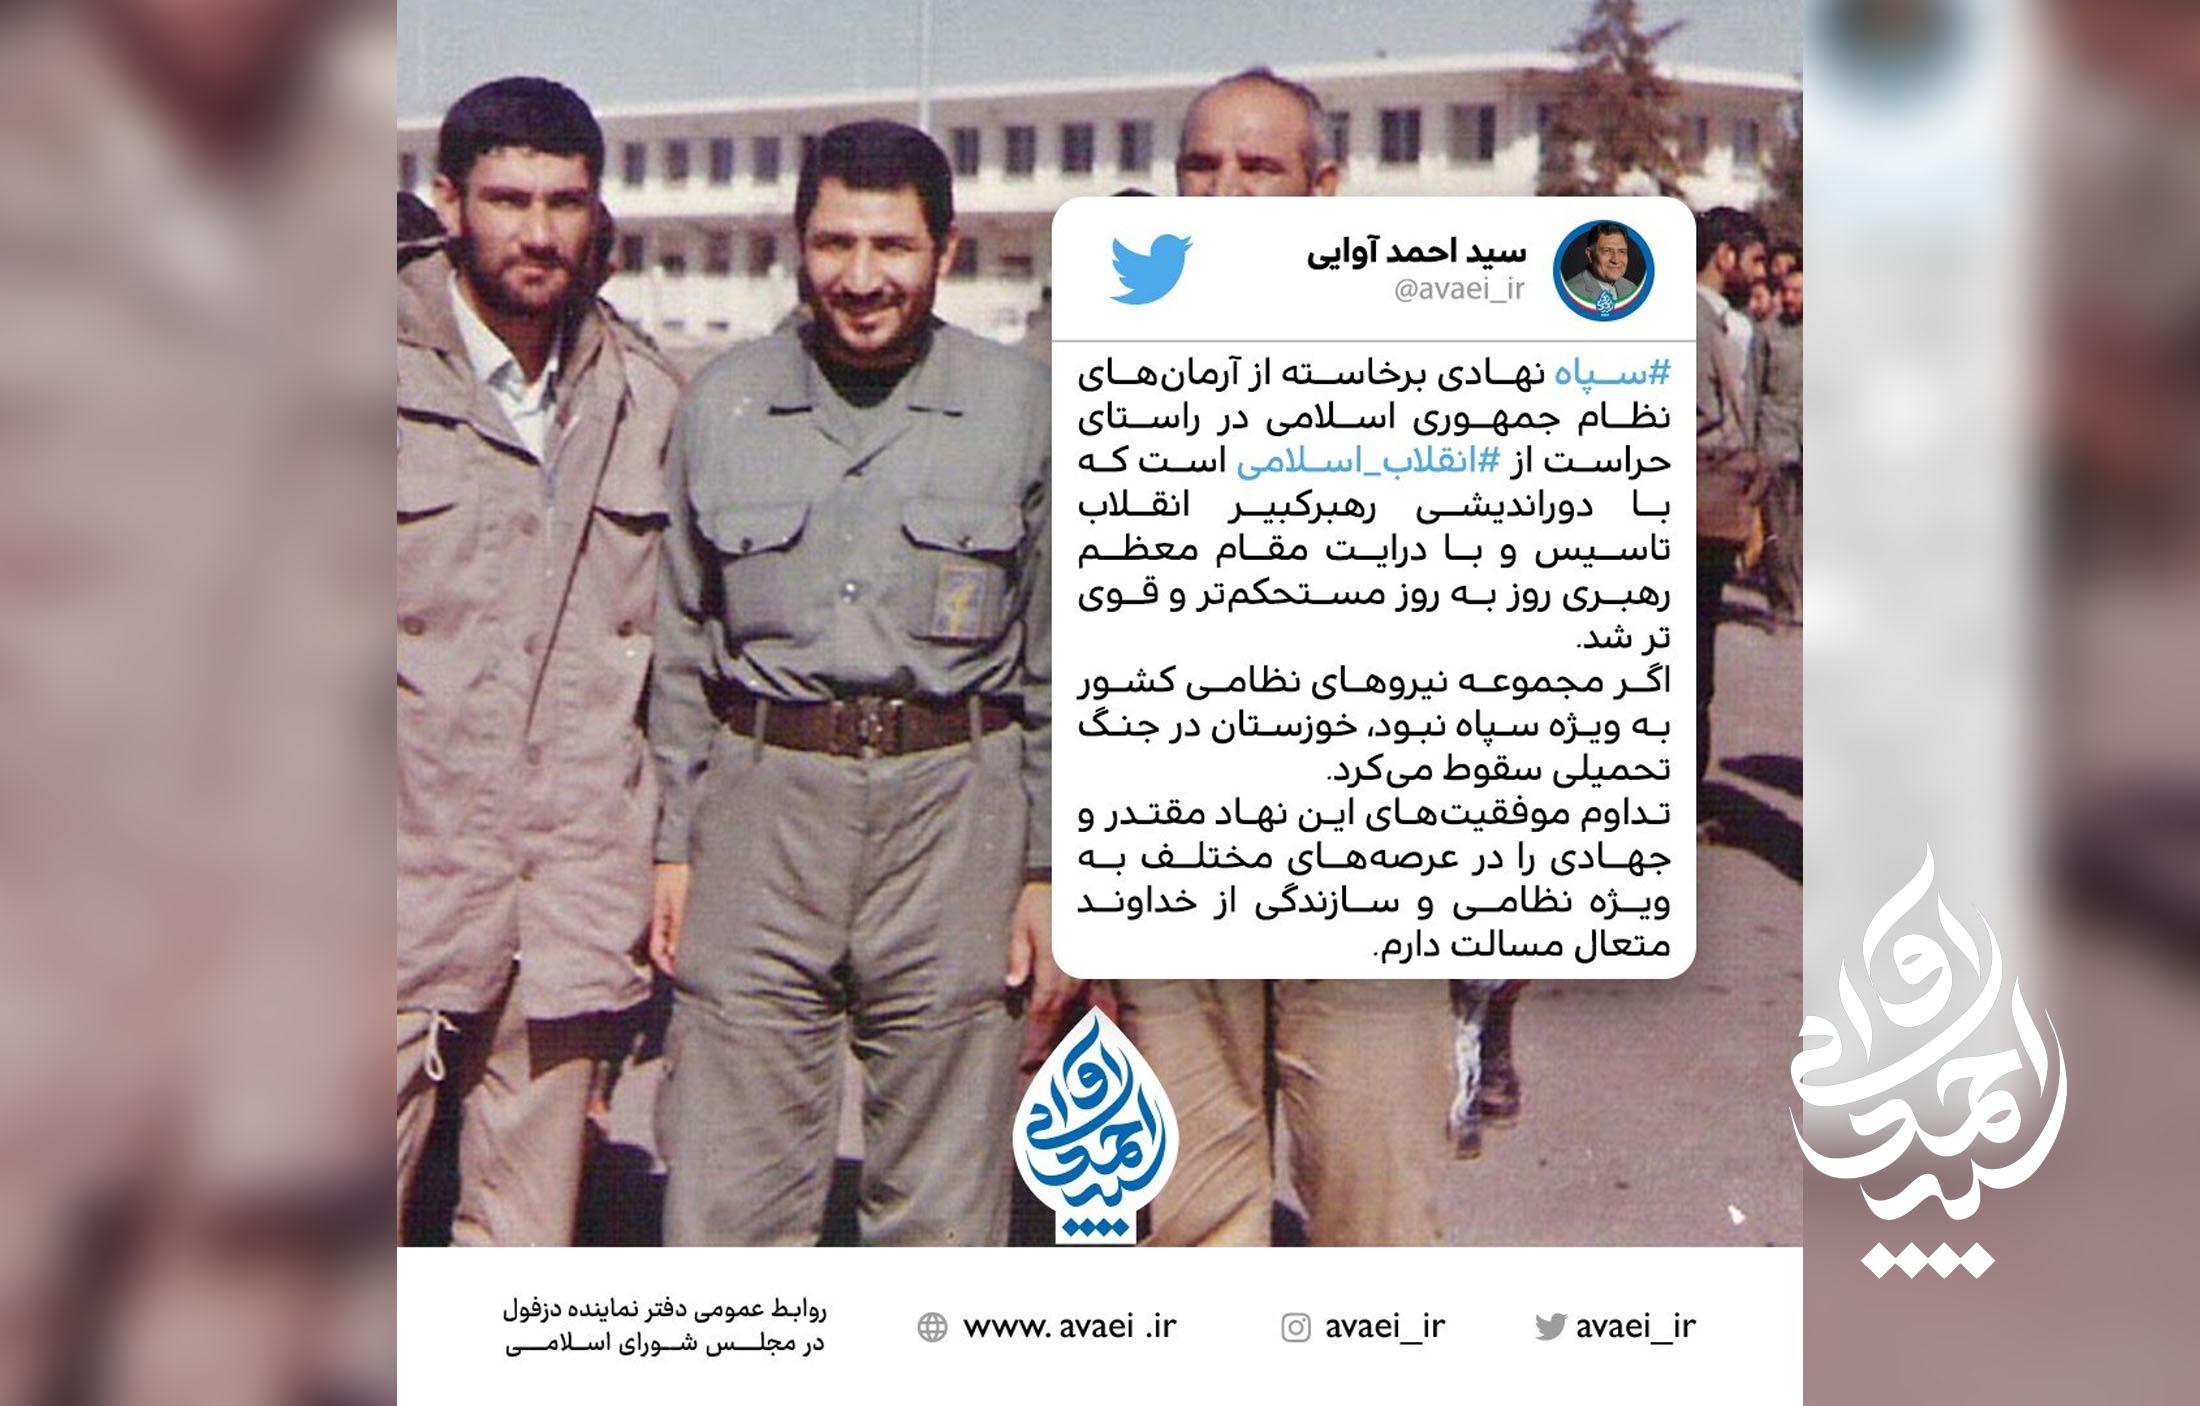 توئیت سید احمد آوایی نماینده مردم شریف دزفول به مناسبت سالروز تاسیس سپاه پاسداران انقلاب